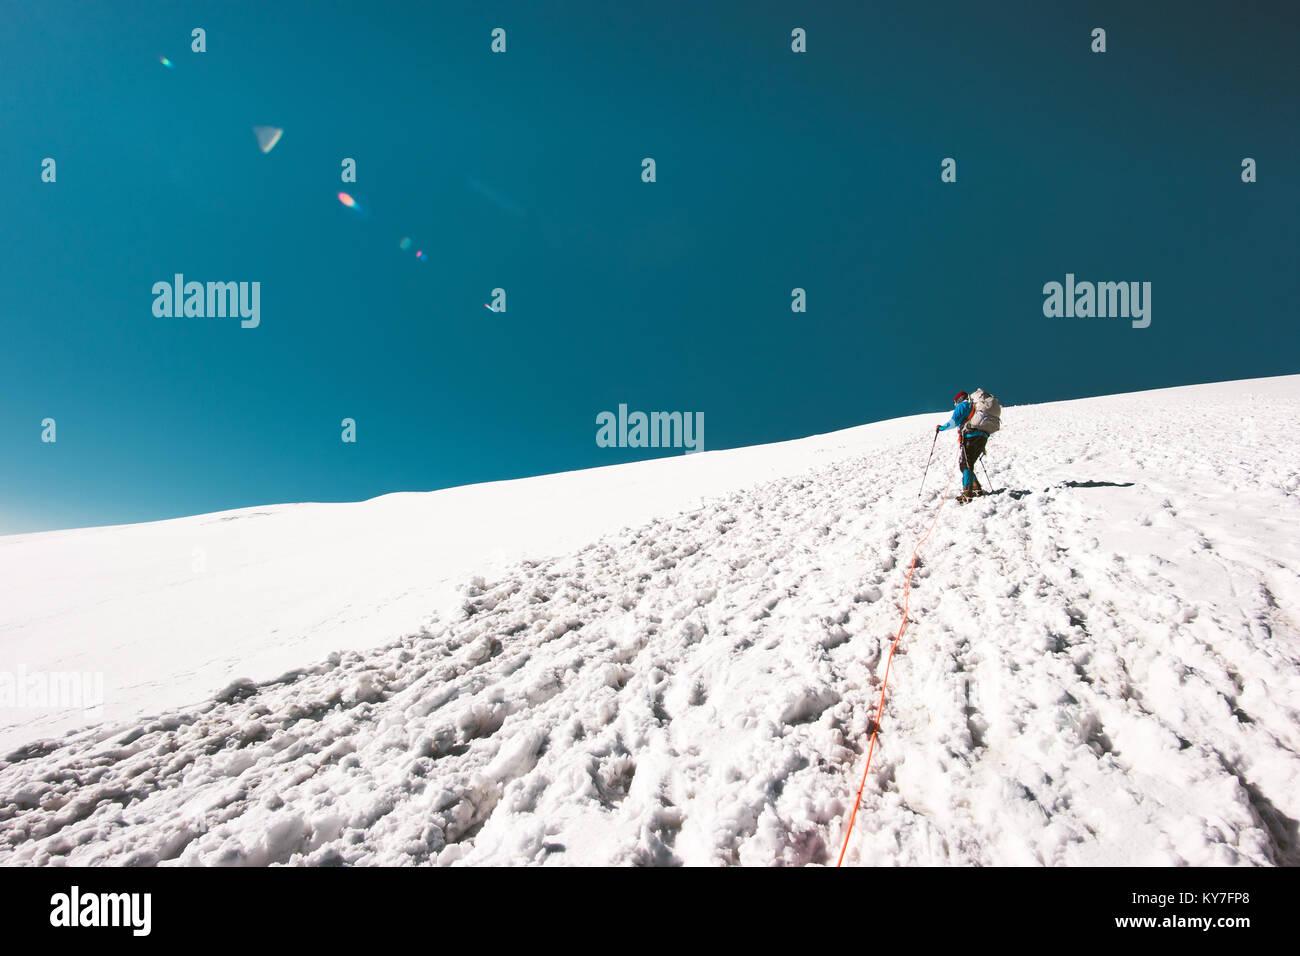 Man Klettern auf Berge Gipfel am Gletscher Reisen Lifestyle Konzept Abenteuer aktiv Urlaub Outdoor Bergsteigen sport Stockbild